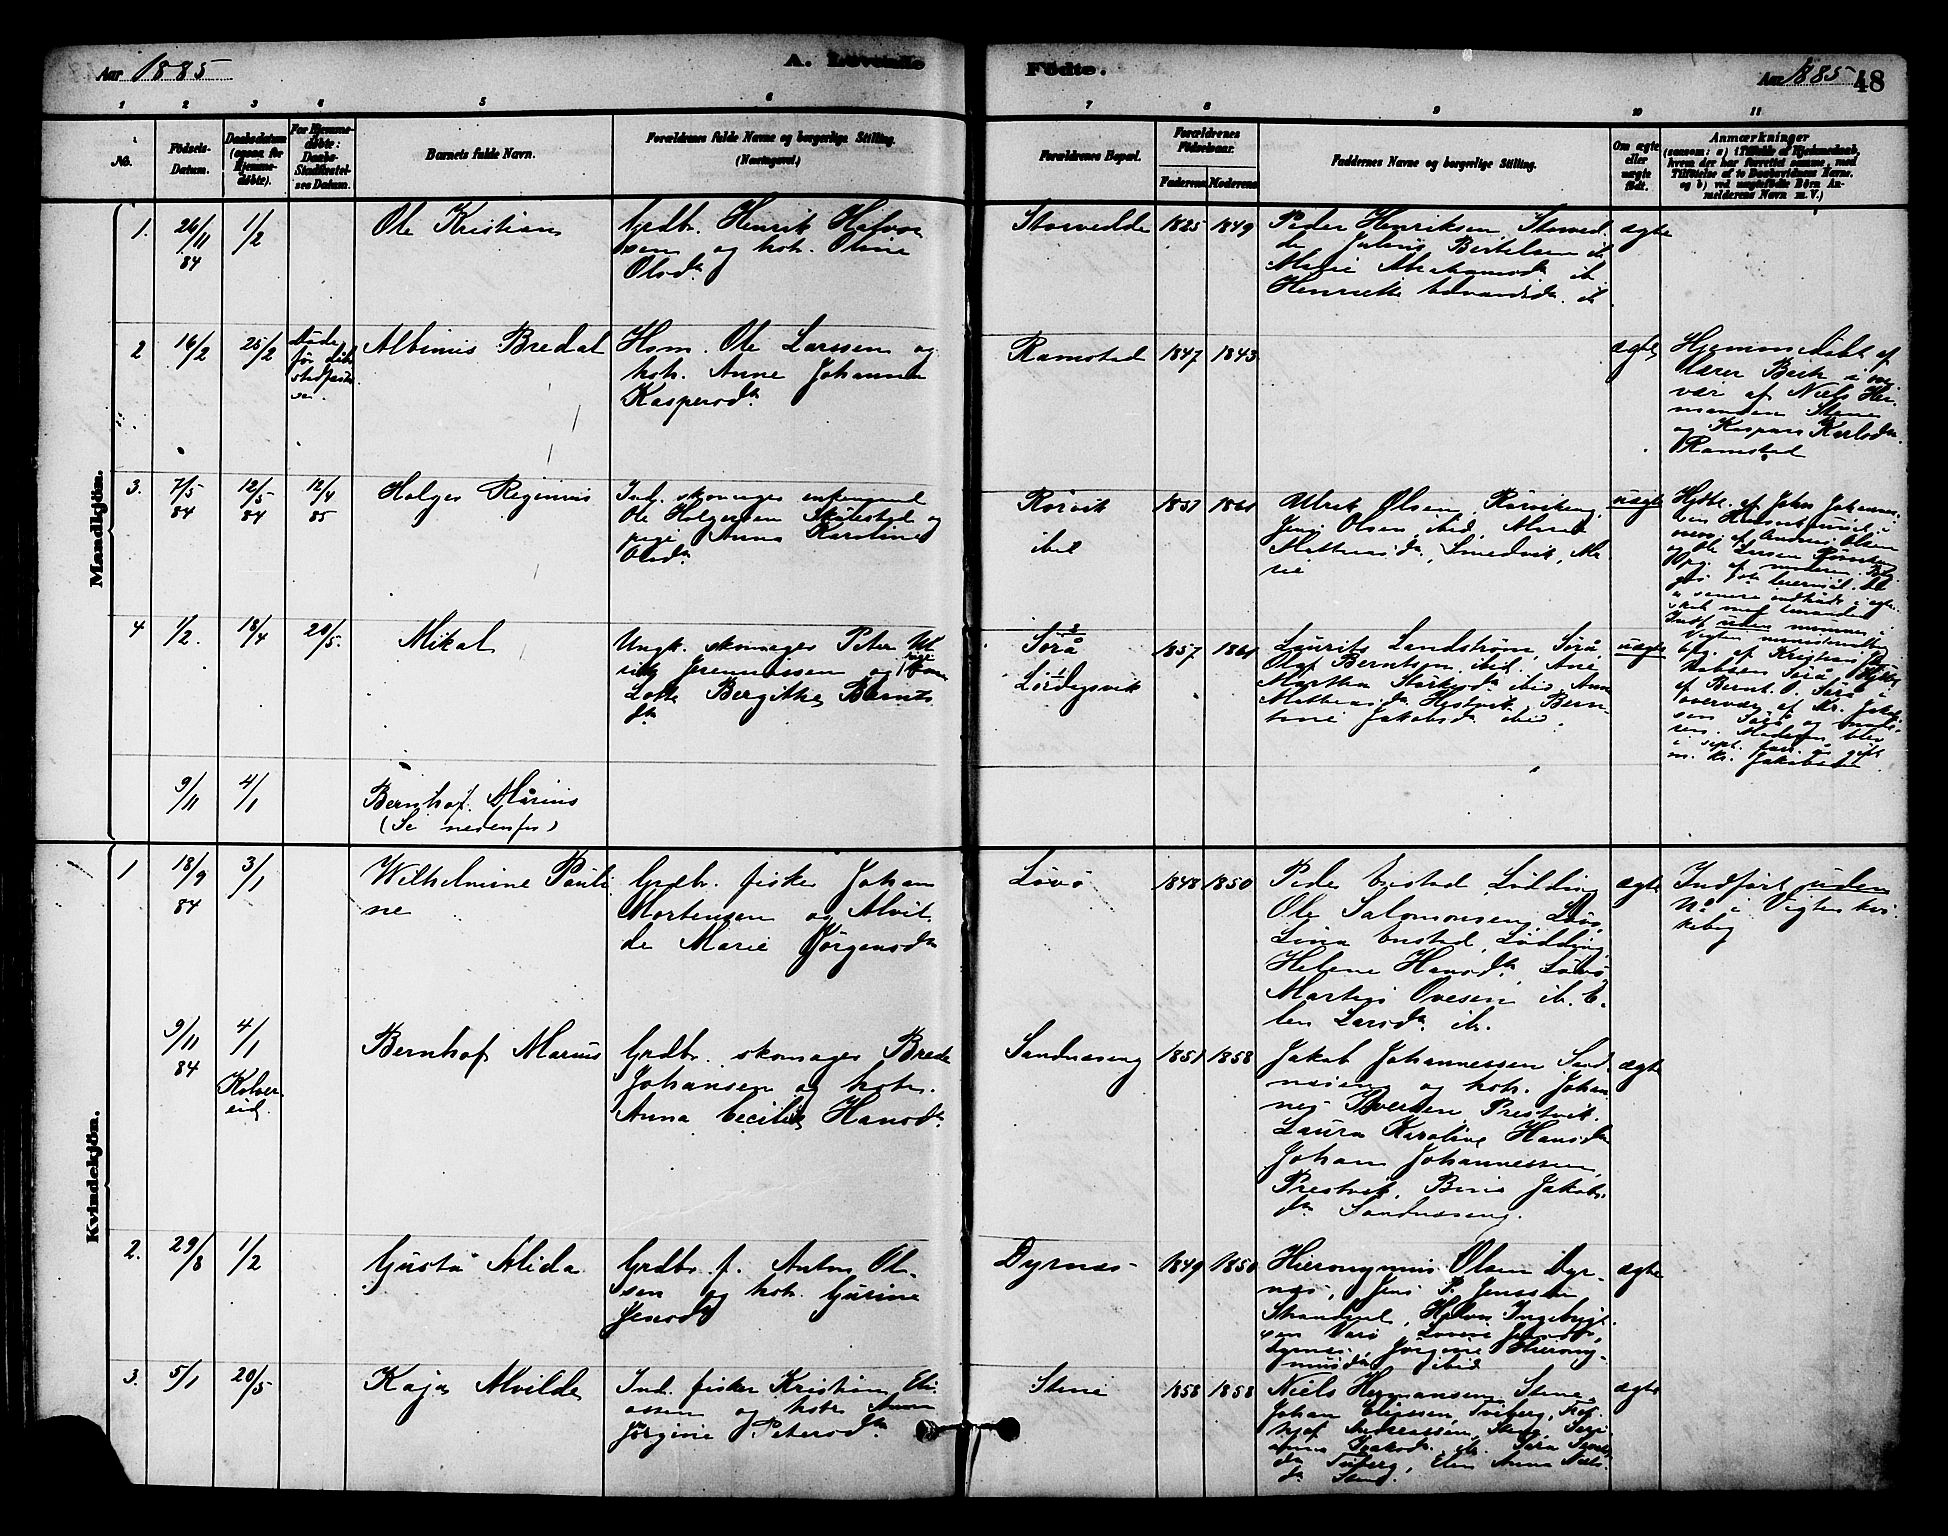 SAT, Ministerialprotokoller, klokkerbøker og fødselsregistre - Nord-Trøndelag, 784/L0672: Ministerialbok nr. 784A07, 1880-1887, s. 48